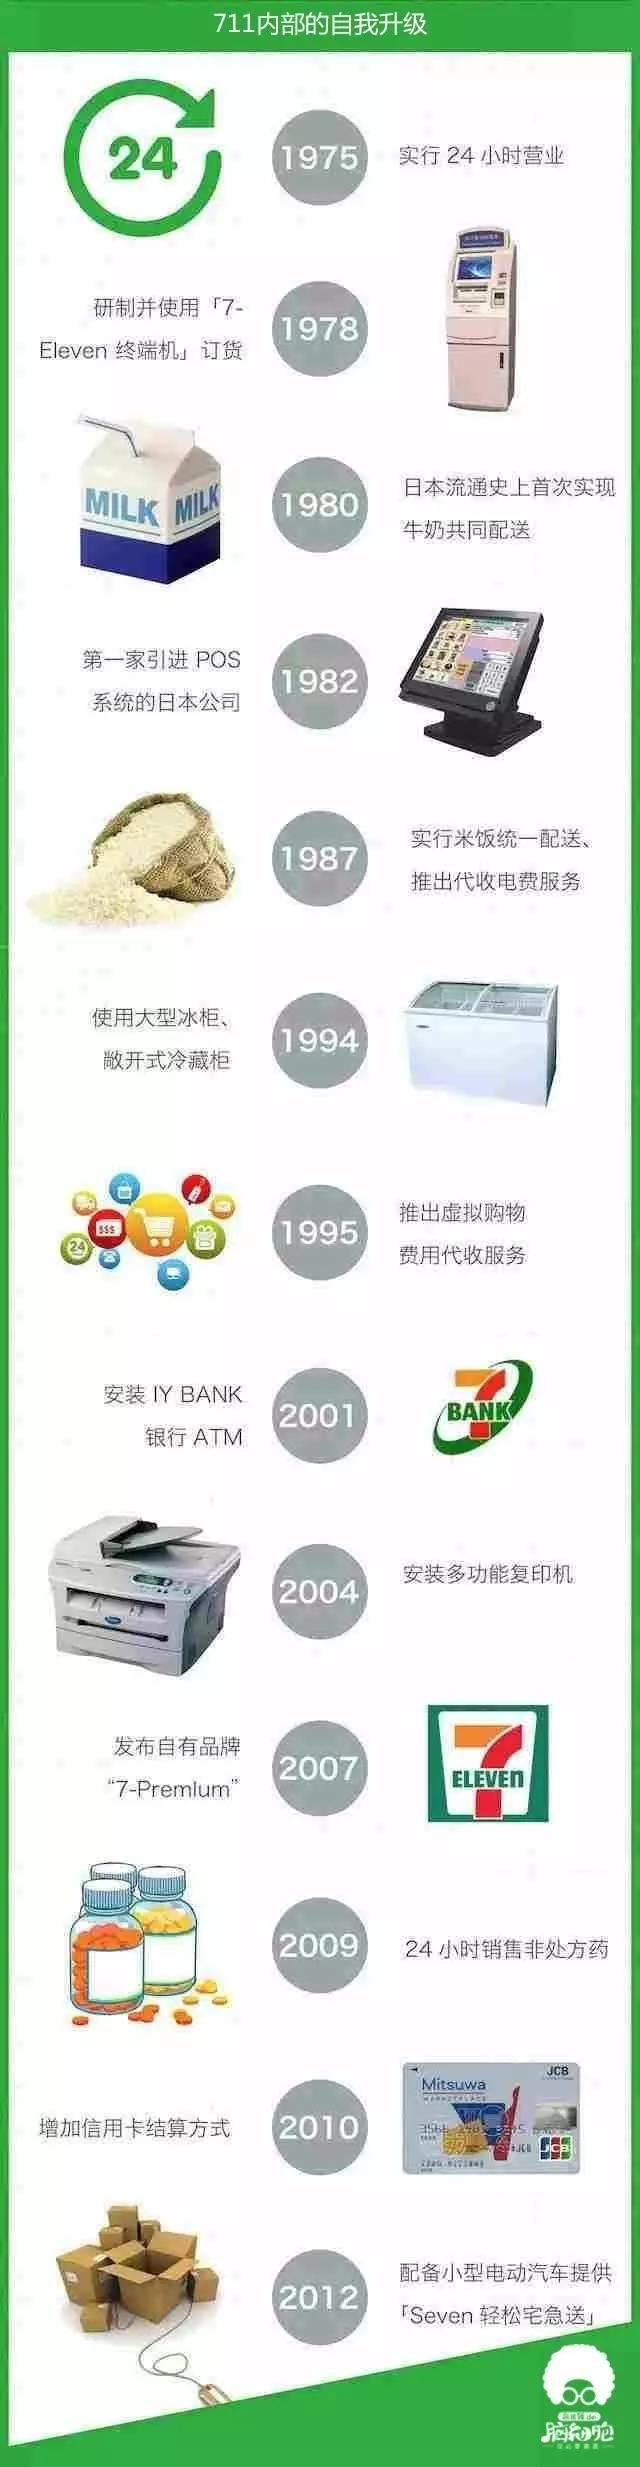 在中国,若这样思考,真的太好赚钱了!(上)|高臻臻的脑细胞